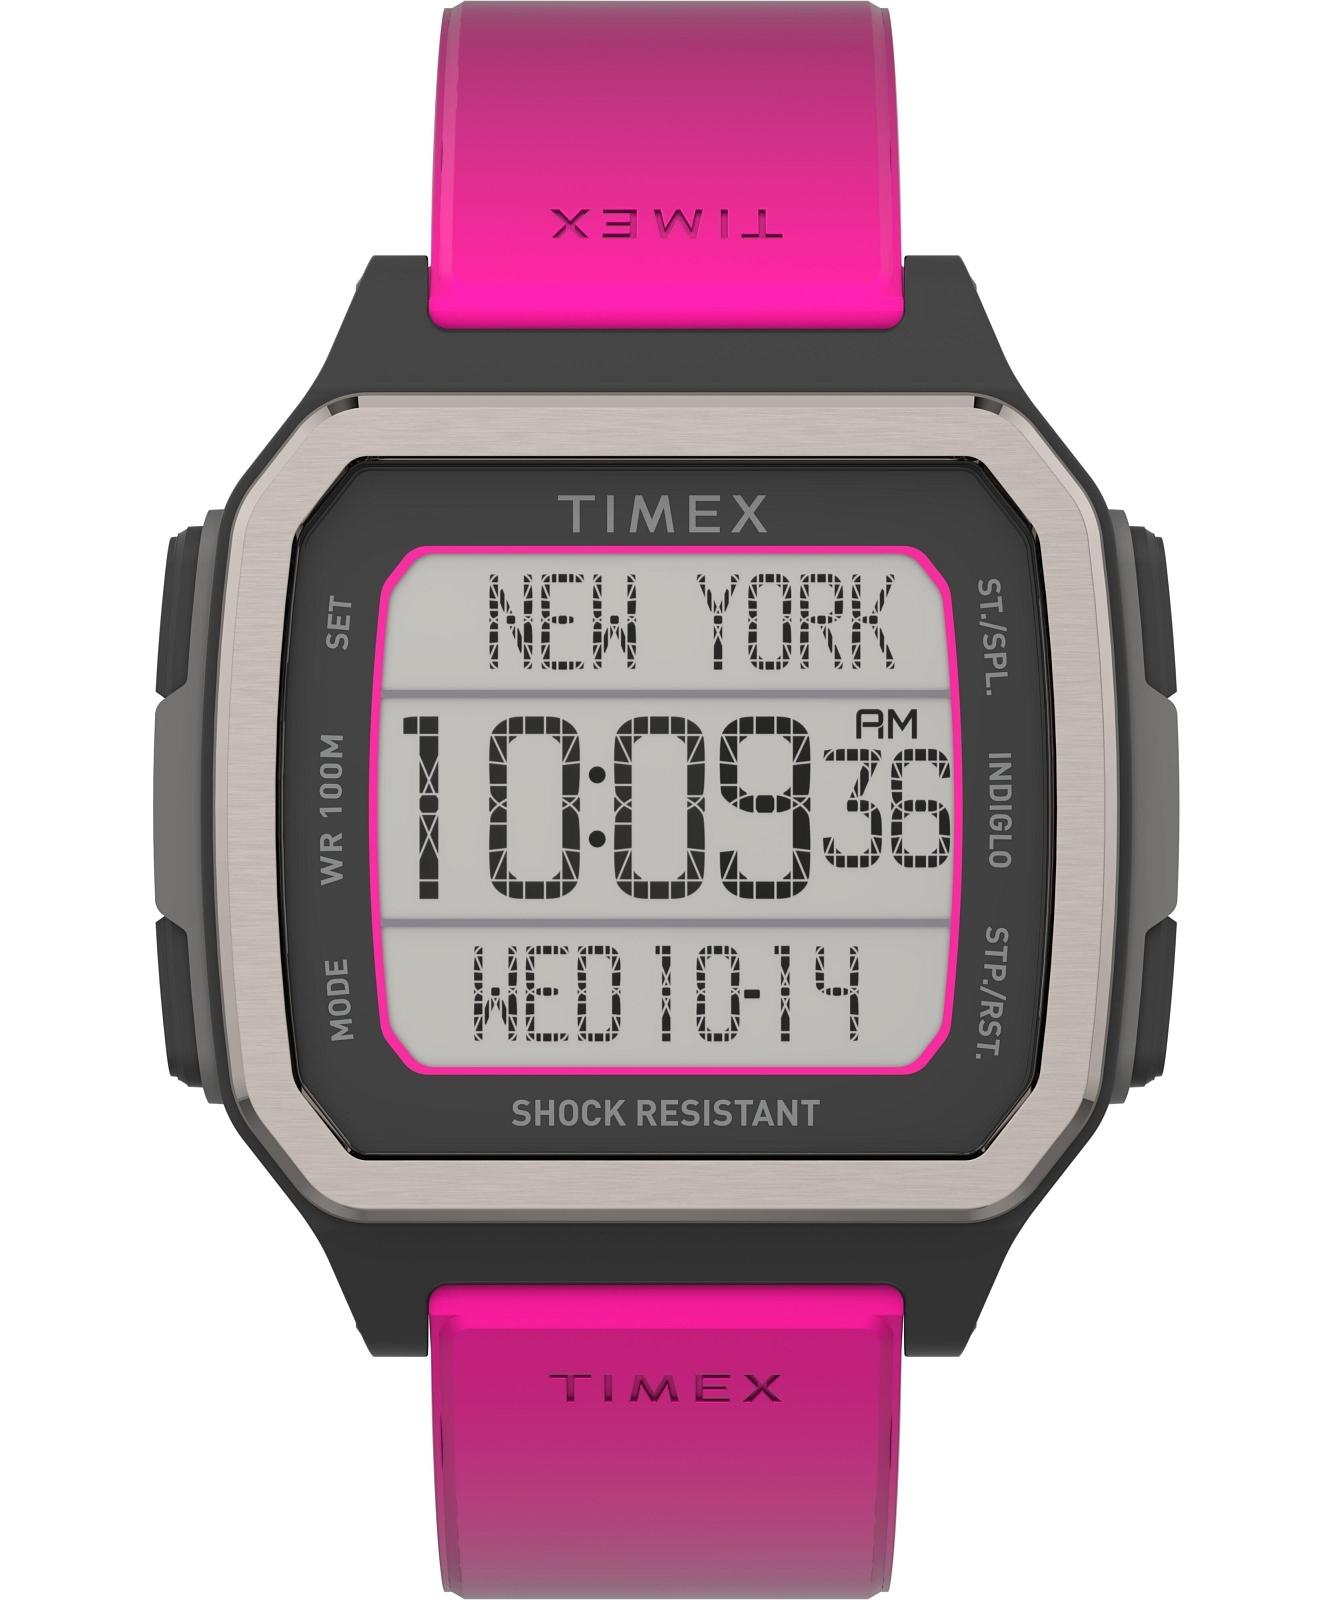 Timex TW5M29200 > Wysyłka tego samego dnia Grawer 0zł Darmowa dostawa Kurierem/Inpost Darmowy zwrot przez 100 DNI